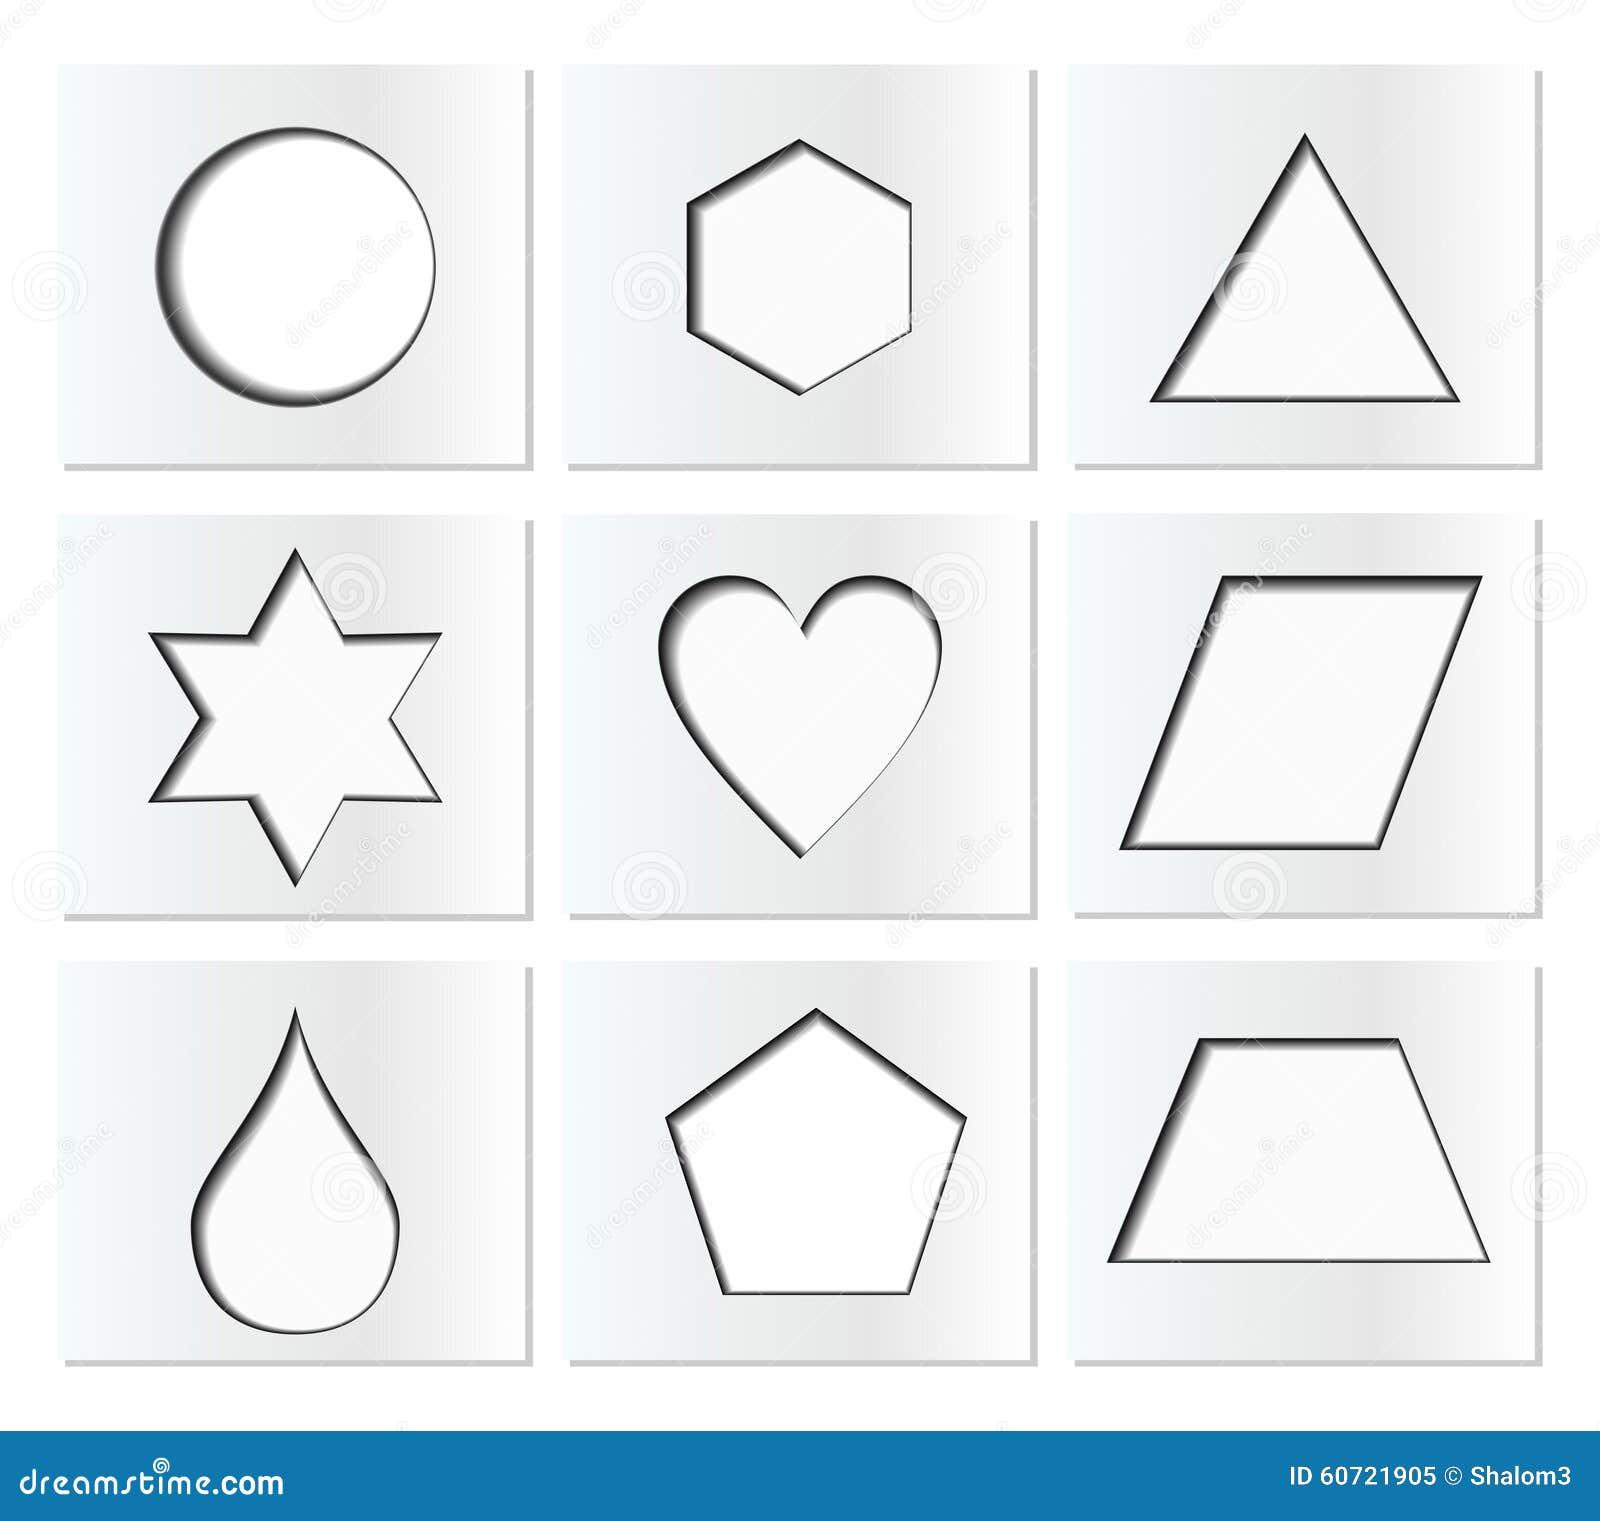 schablone f r einfache geometrische formen mit innerem schatten kreis hexagon dreieck stern. Black Bedroom Furniture Sets. Home Design Ideas